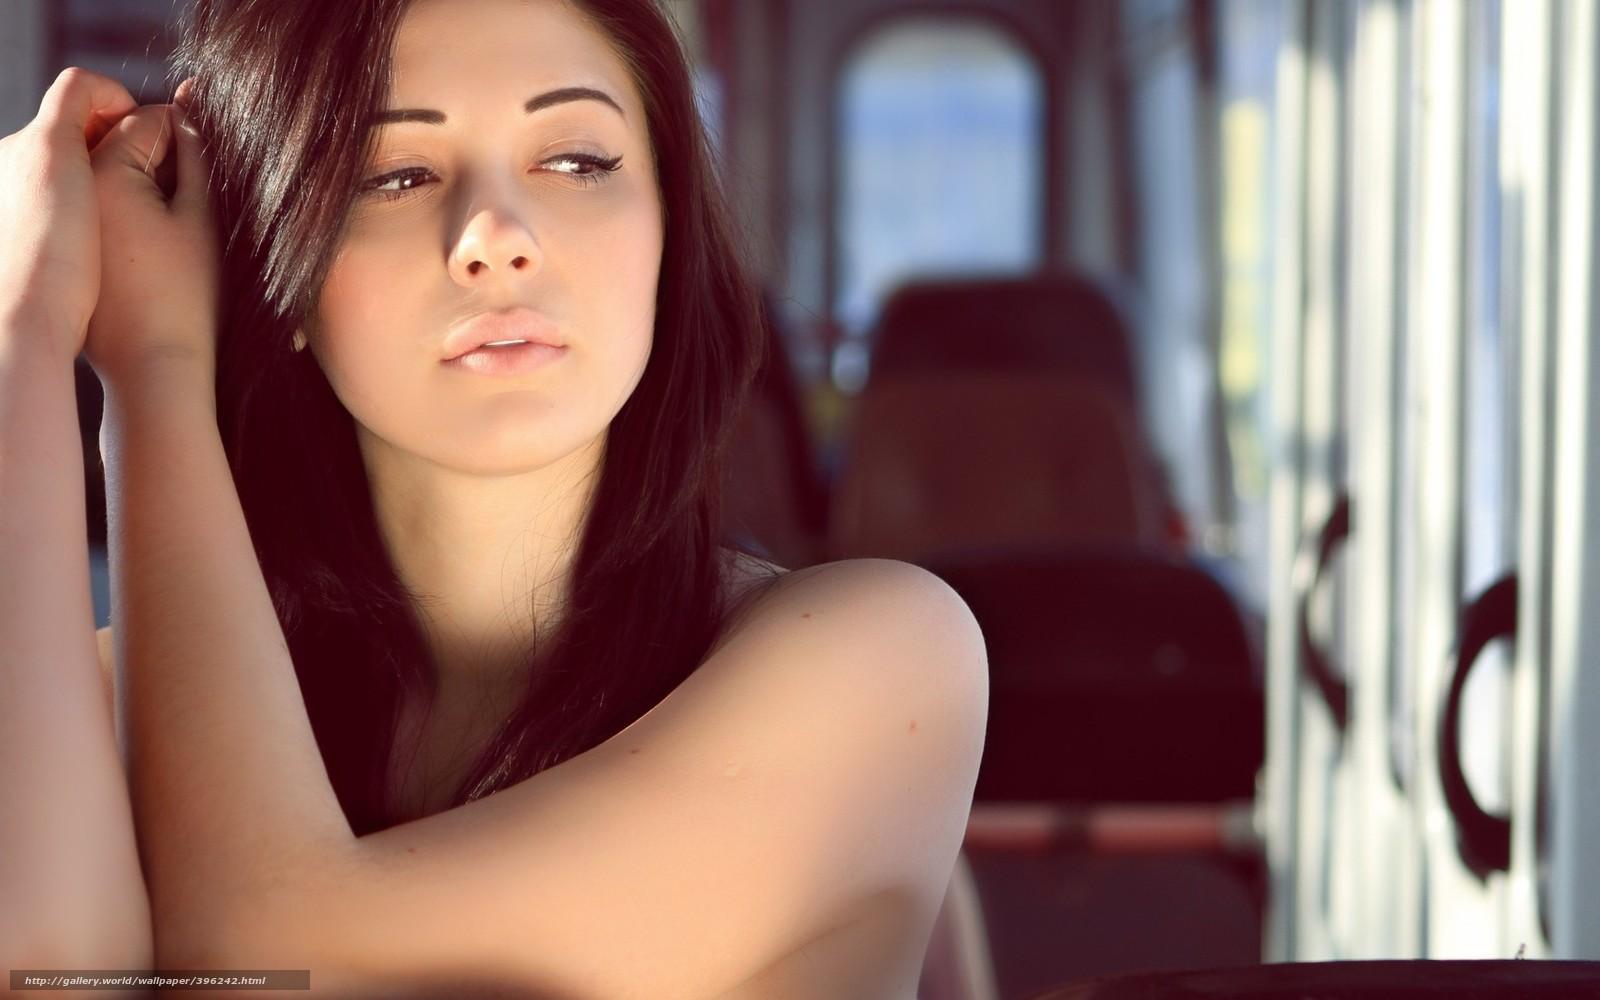 Смотреть модель брюнетка лицо 4 фотография